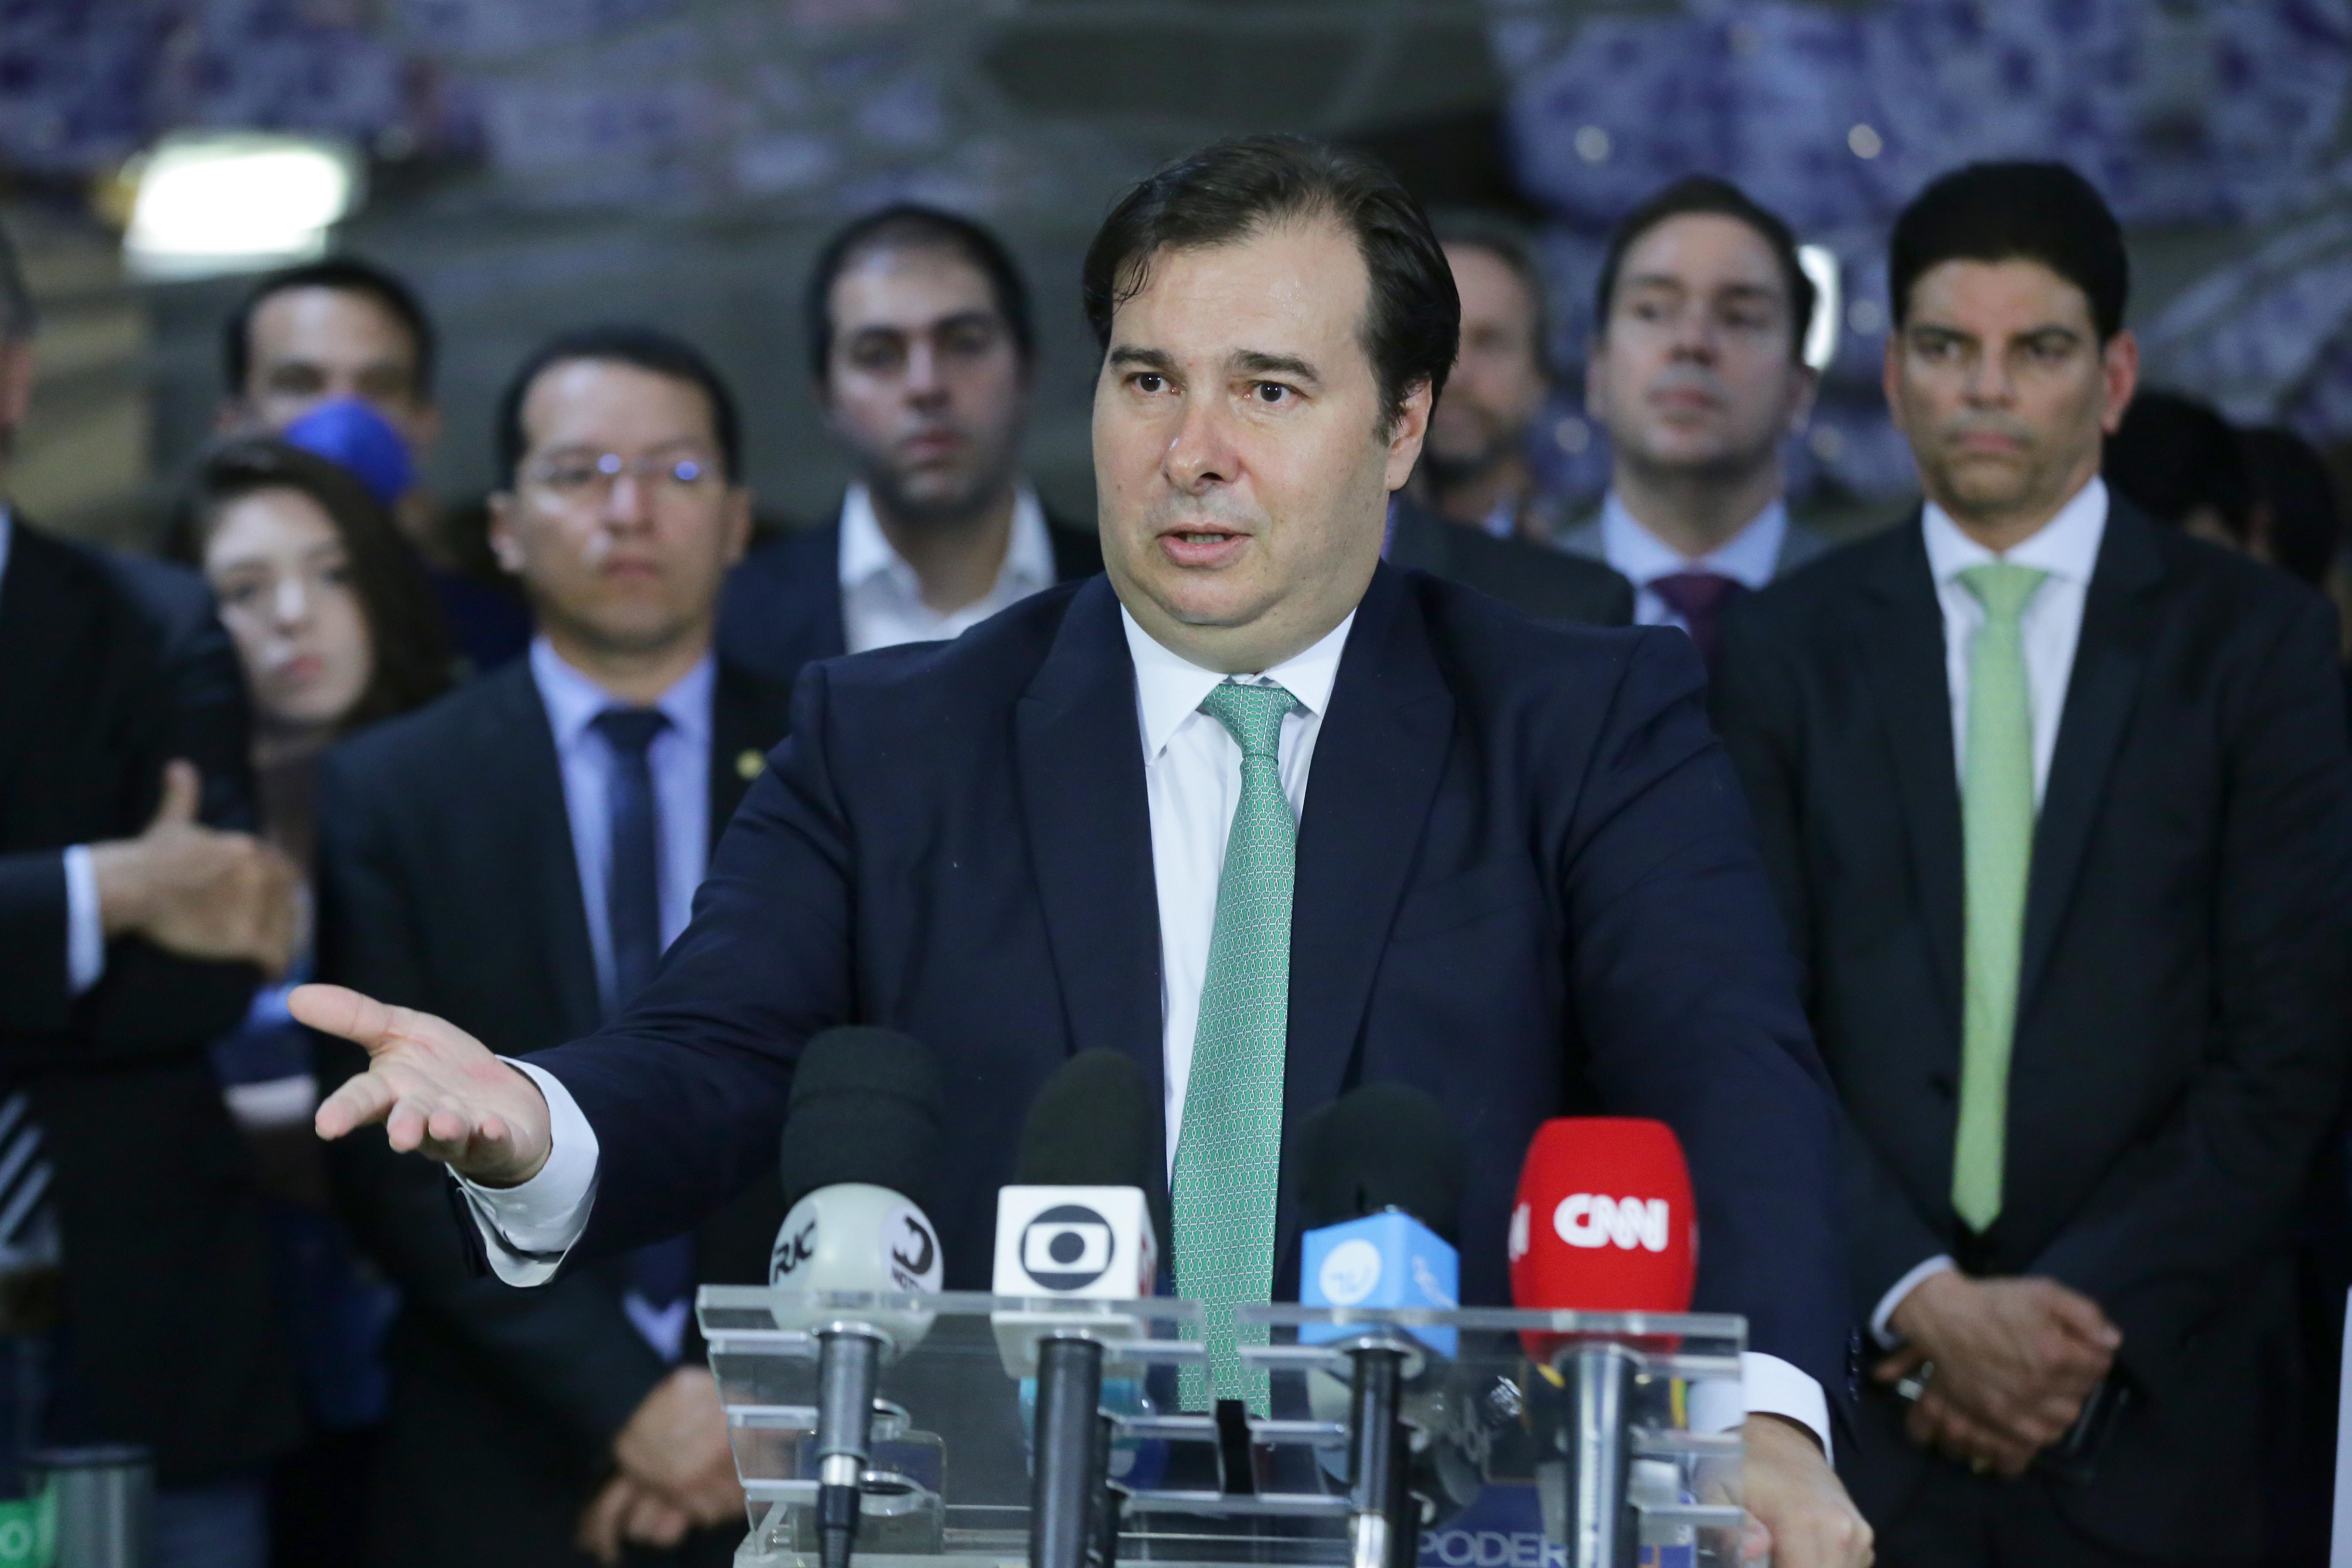 Presidente da Câmara dos Deputados, dep. Rodrigo Maia, concede coletiva de imprensa sobre as ações de combate ao coronavírus